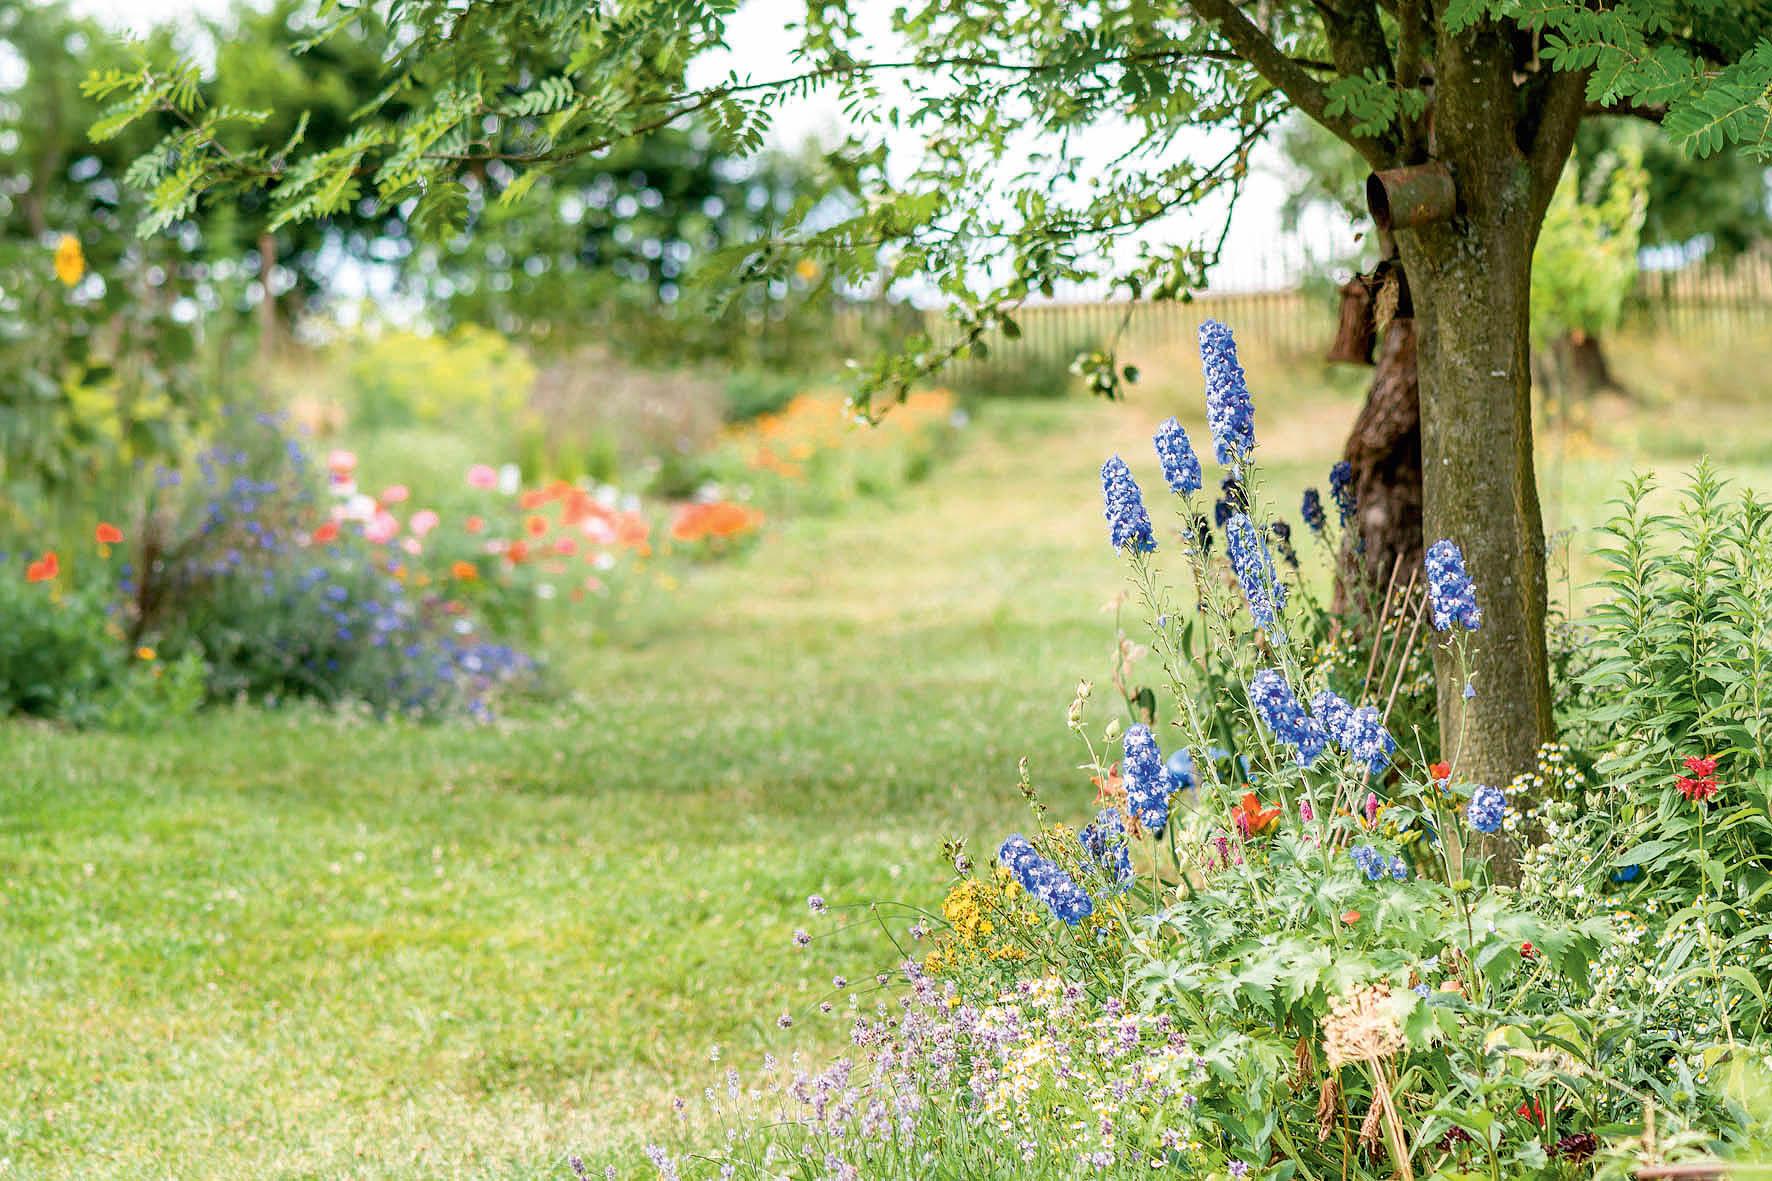 Přírodní zahrady musí mít styl amusí vnich být poznat záměr aaktivita zahradníka. Nejde ovolně ponechané rostliny, které si mohou růst, jak chtějí.